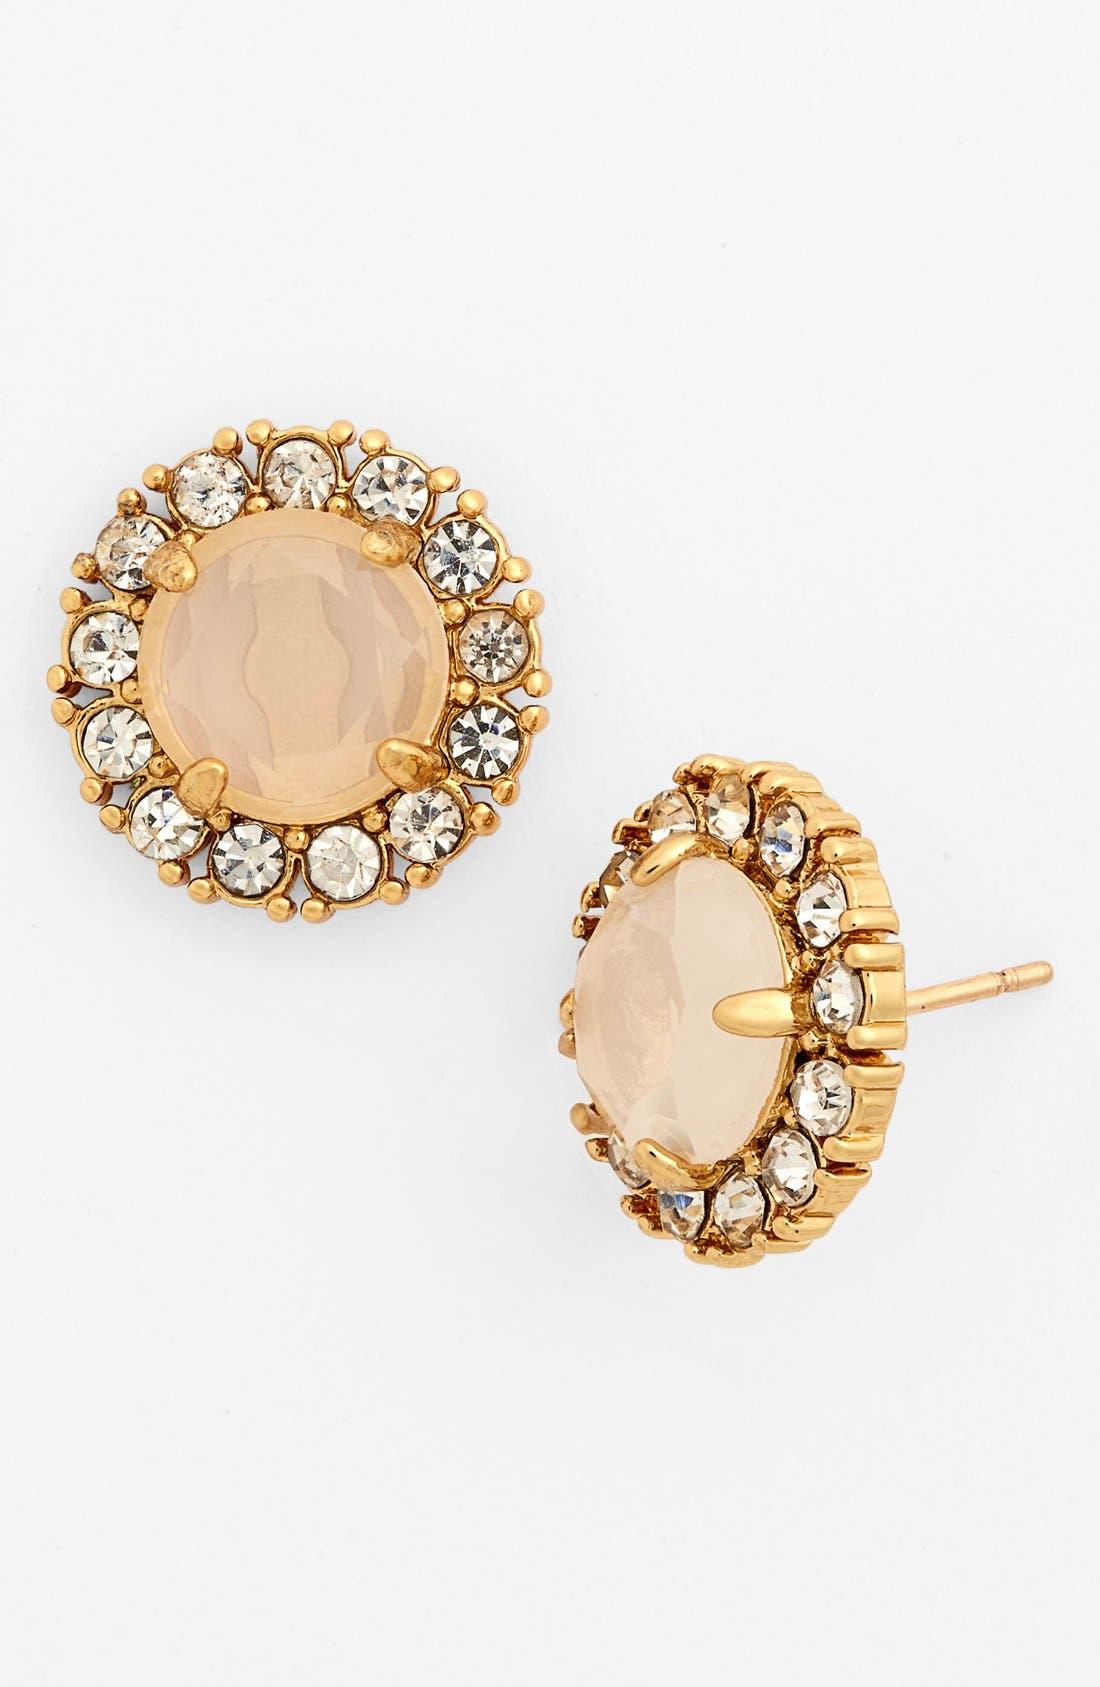 Alternate Image 1 Selected - kate spade new york 'secret garden' mixed stone stud earrings